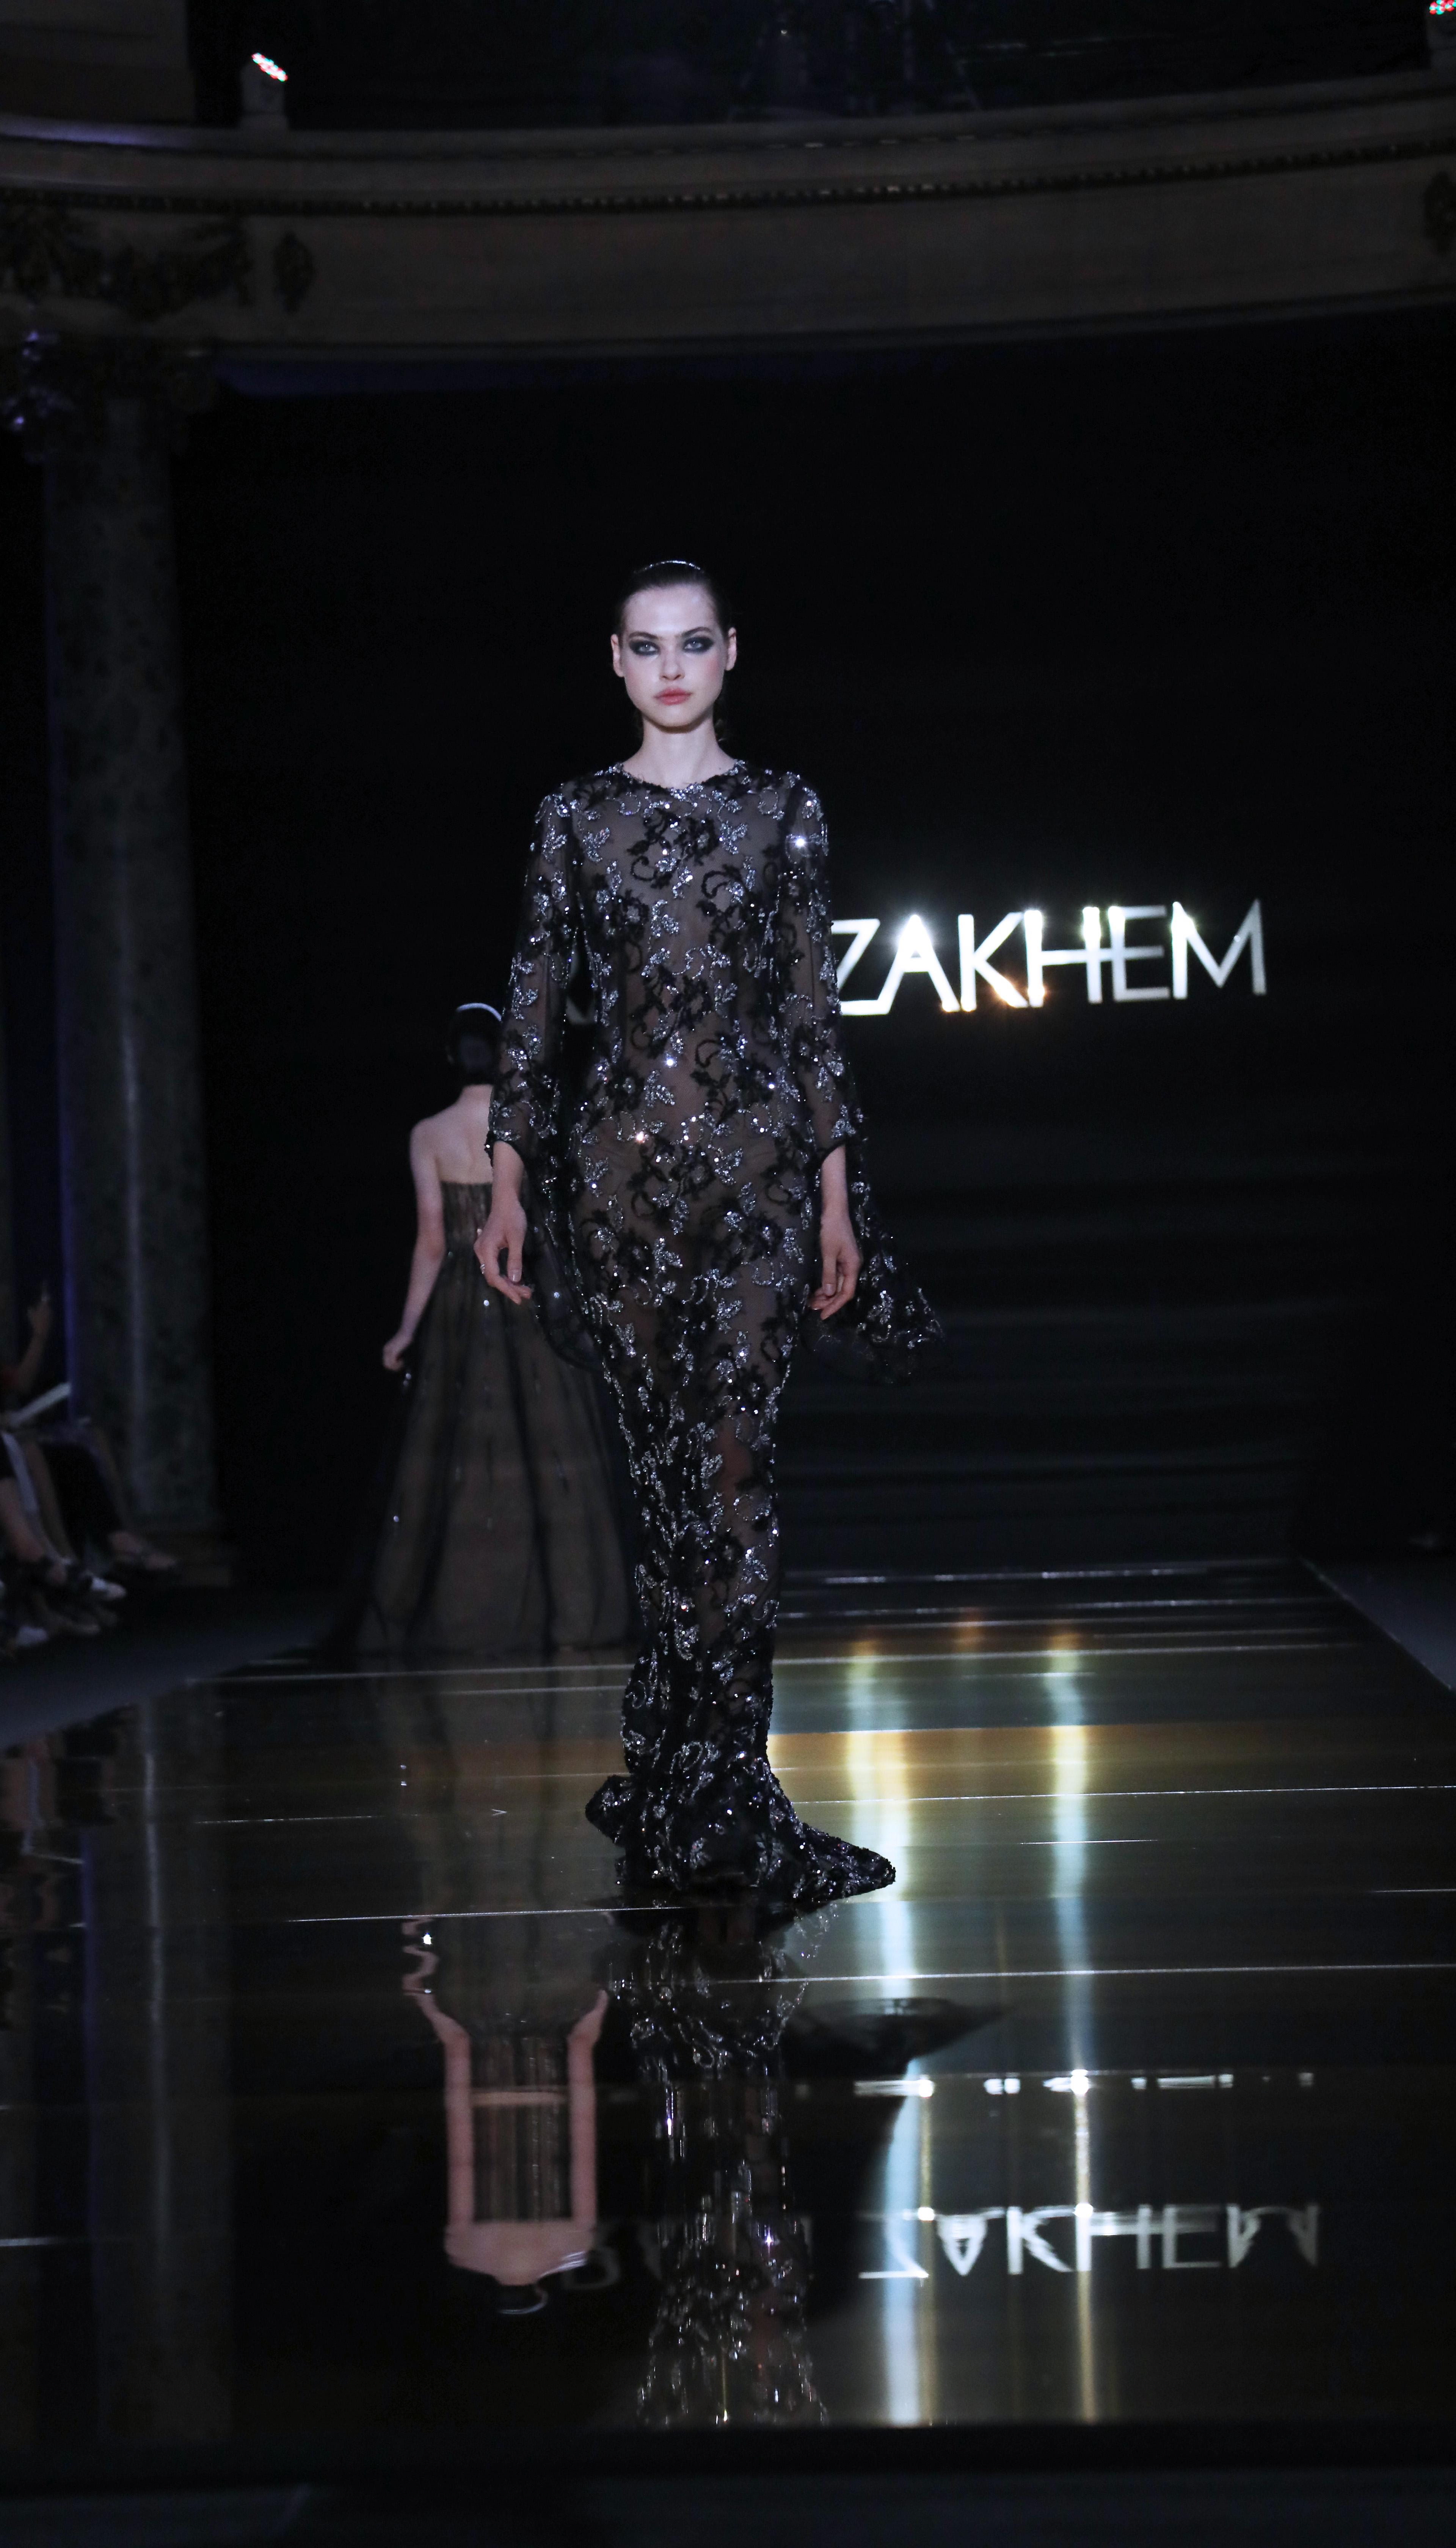 Rani Zakhem127